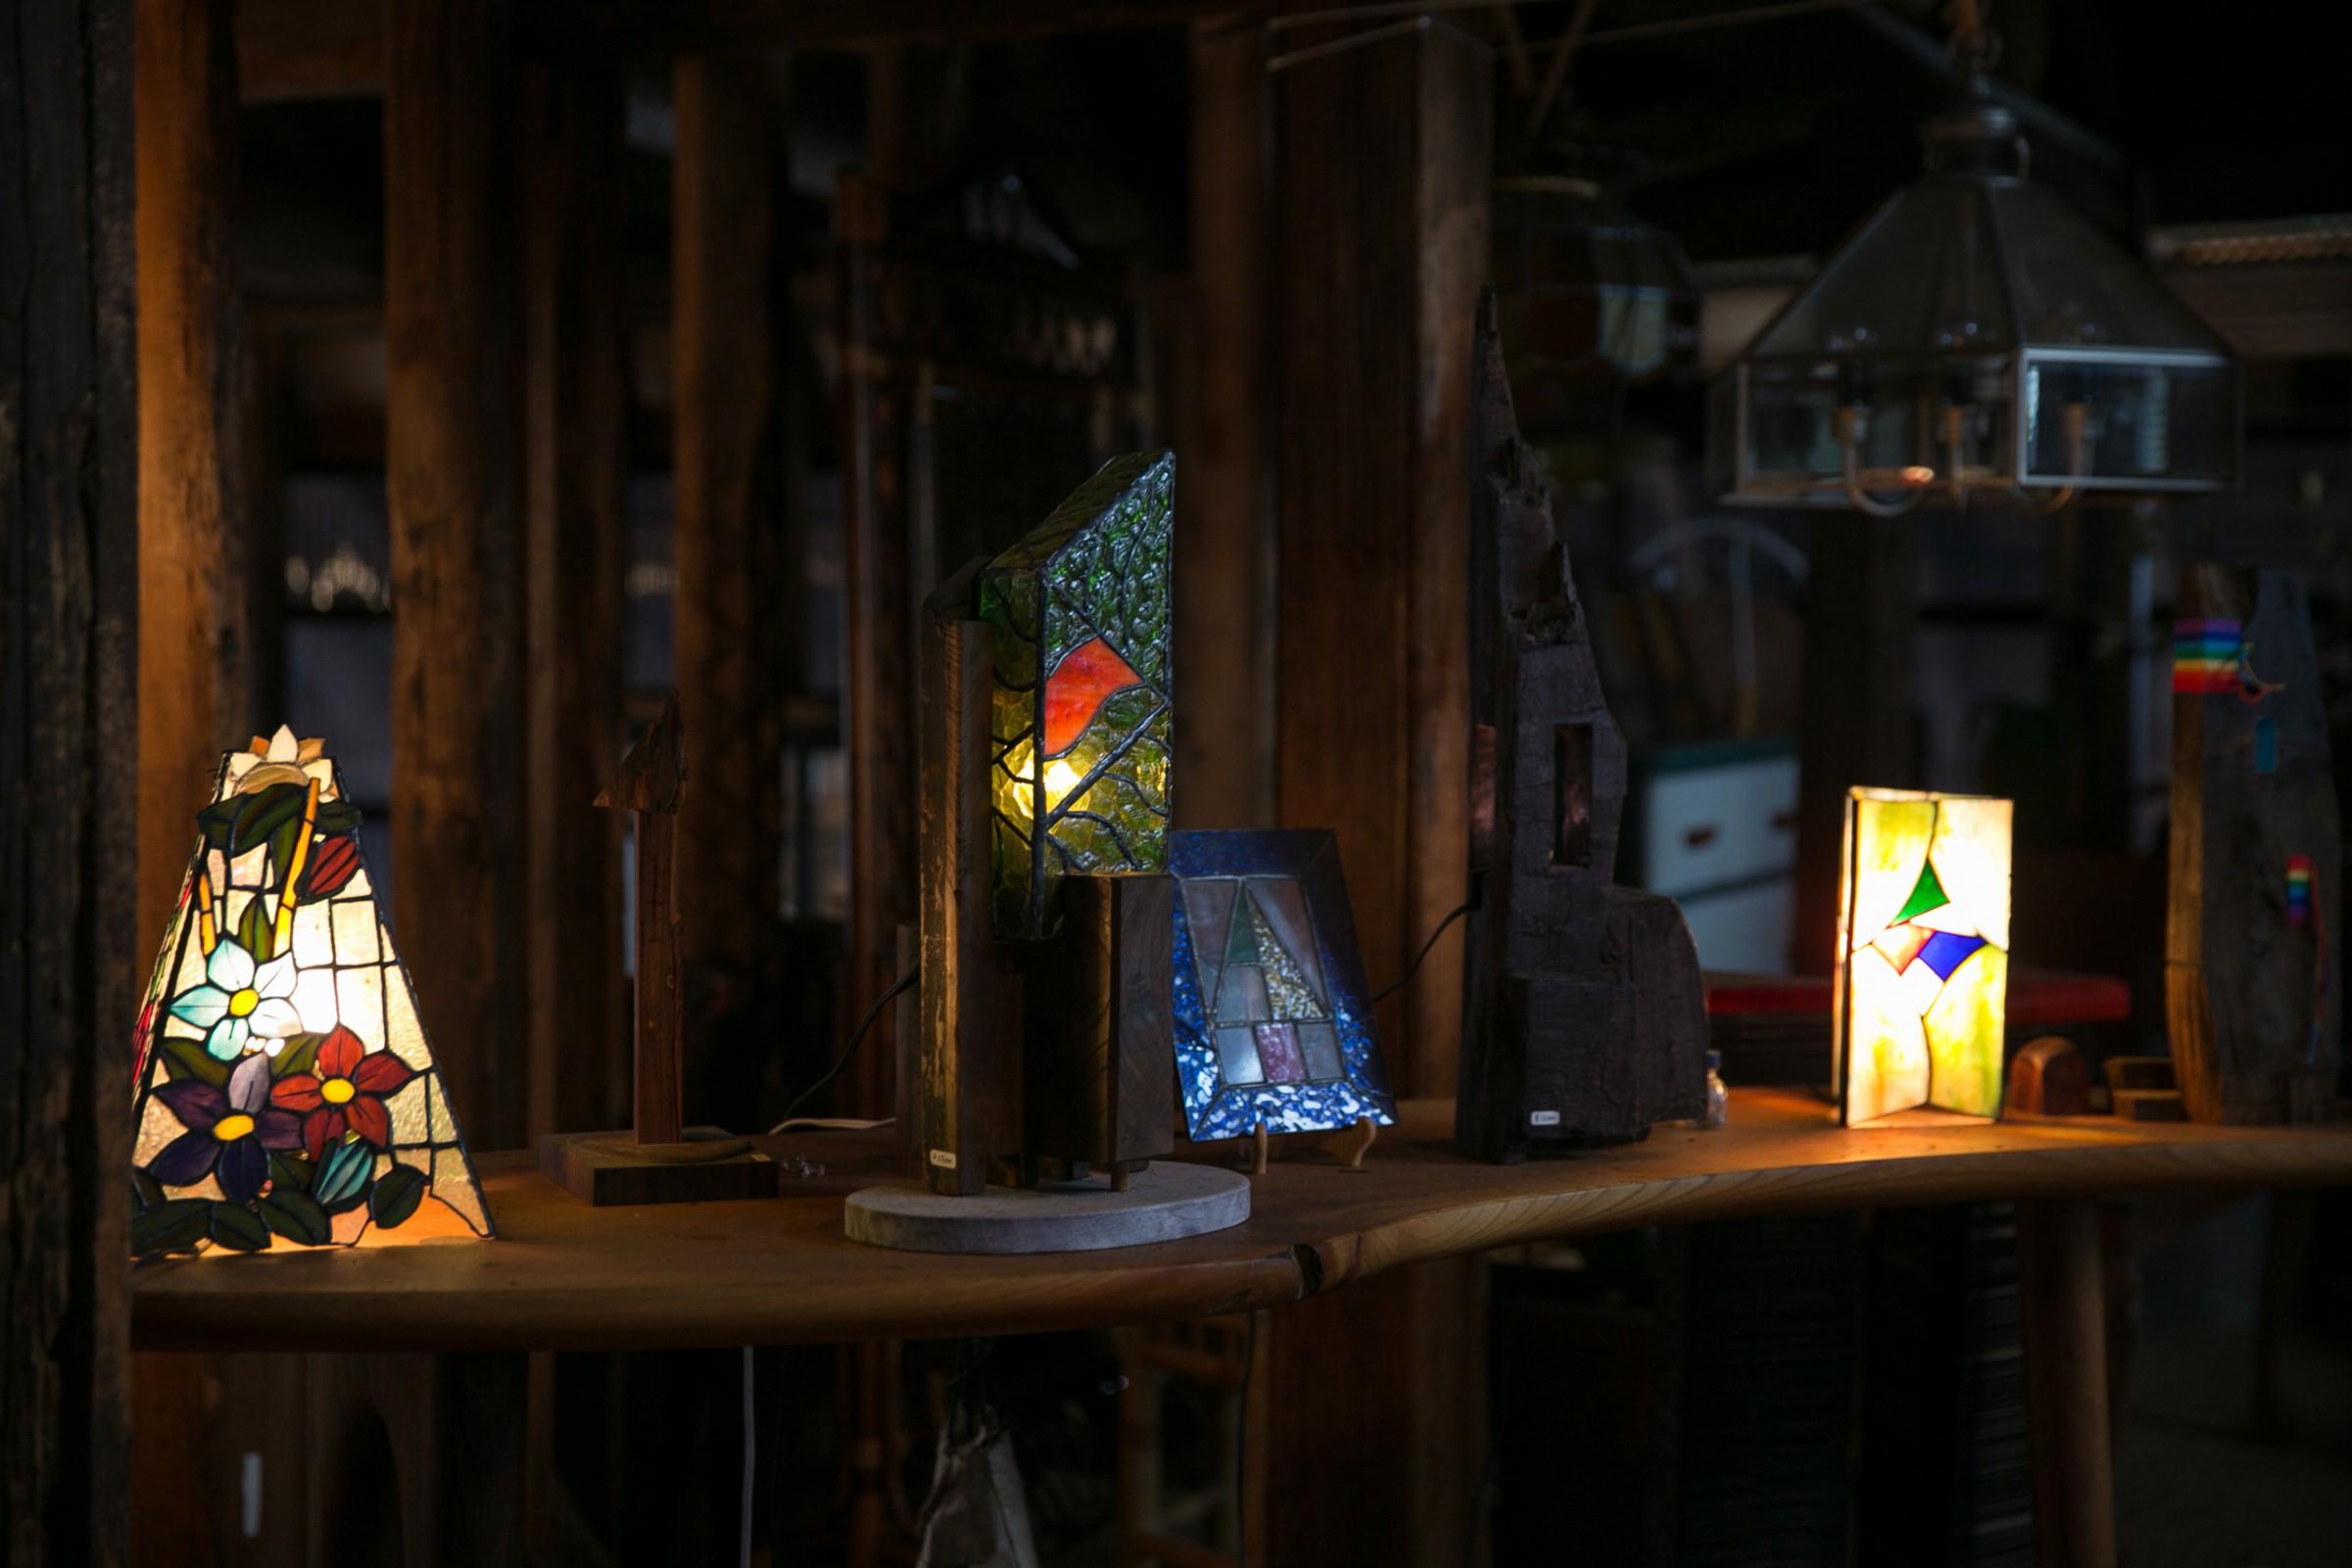 古材と組み合わせたステンドグラスの照明は、社長夫人の井口康子さん作。会社の事務・広報担当の康子さんによる、活用例の素敵なプレゼンテーションです。